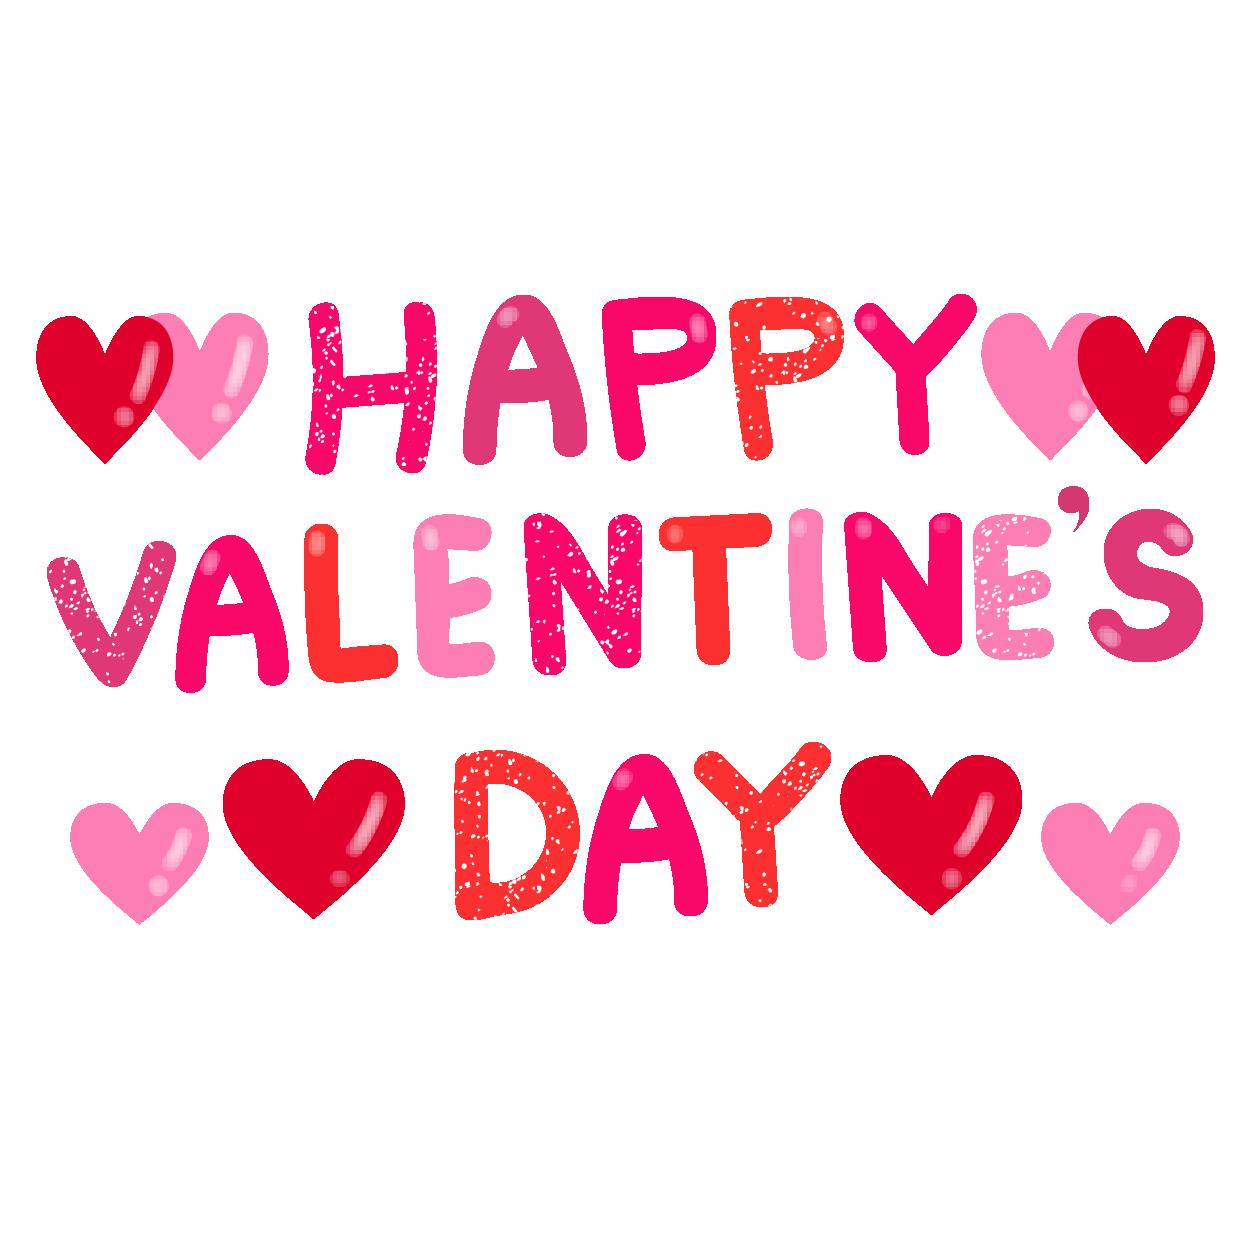 バレンタインデー 英語 ロゴイラスト | 商用フリー(無料)のイラスト